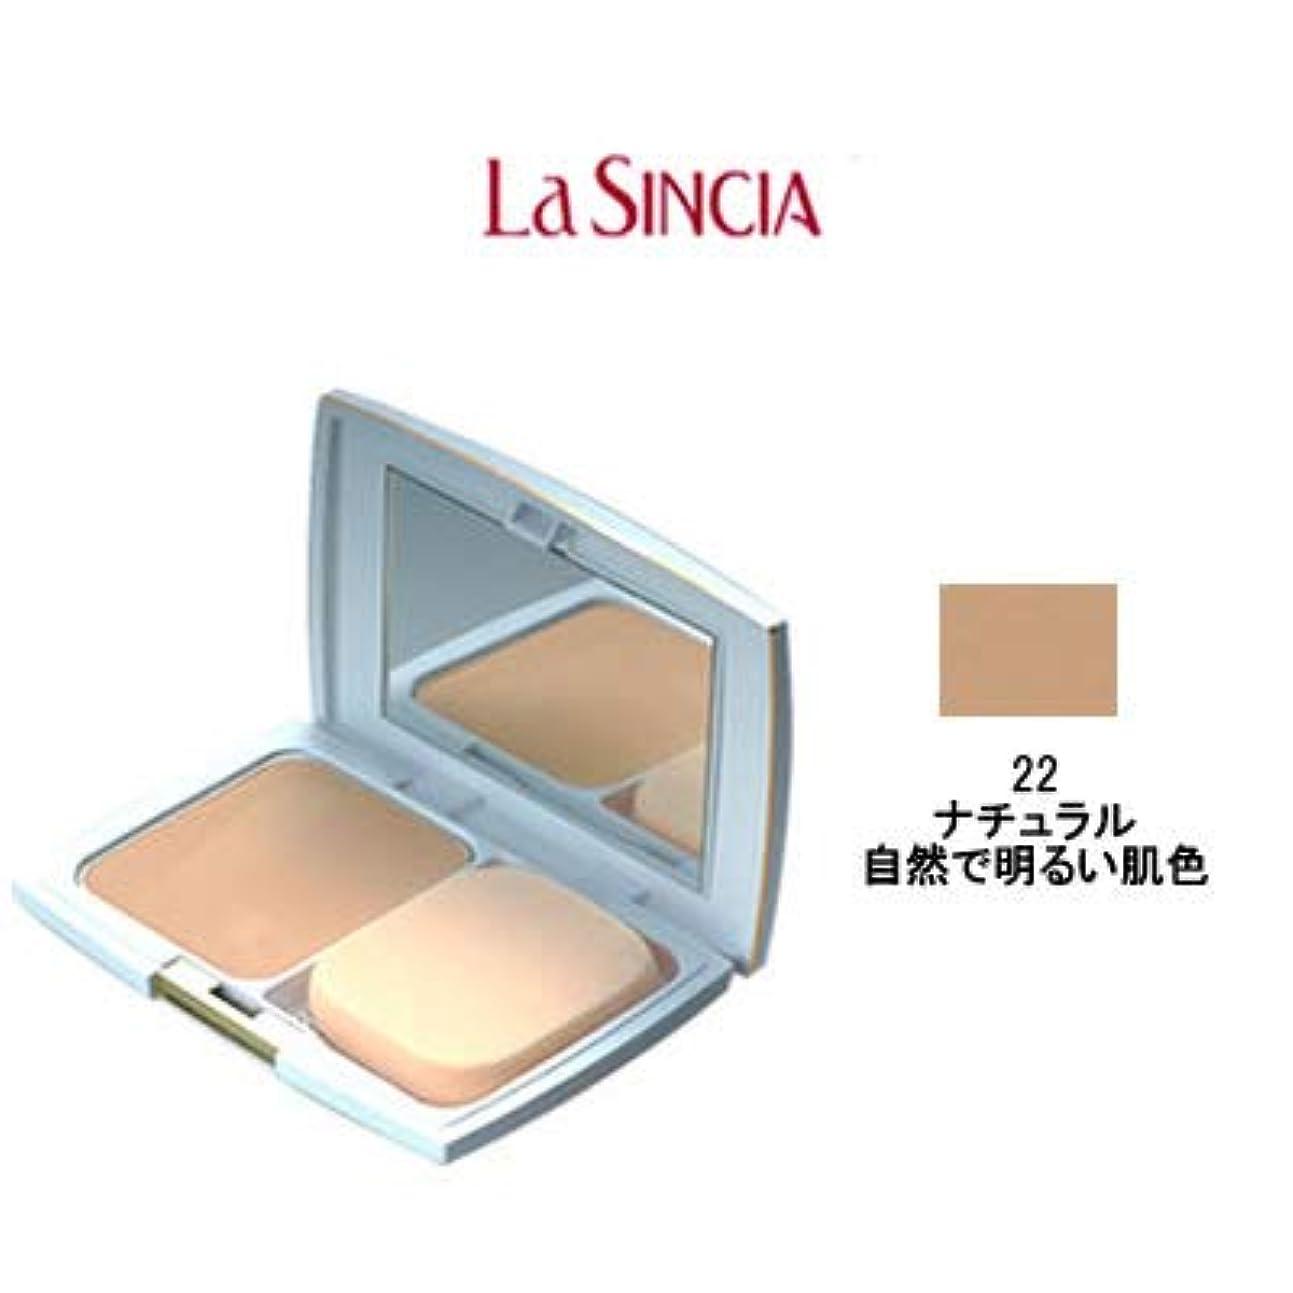 口述する下に向けます銀ラシンシア パウダリーパクトUV レフィル 22 ナチュラル 自然で明るい肌色